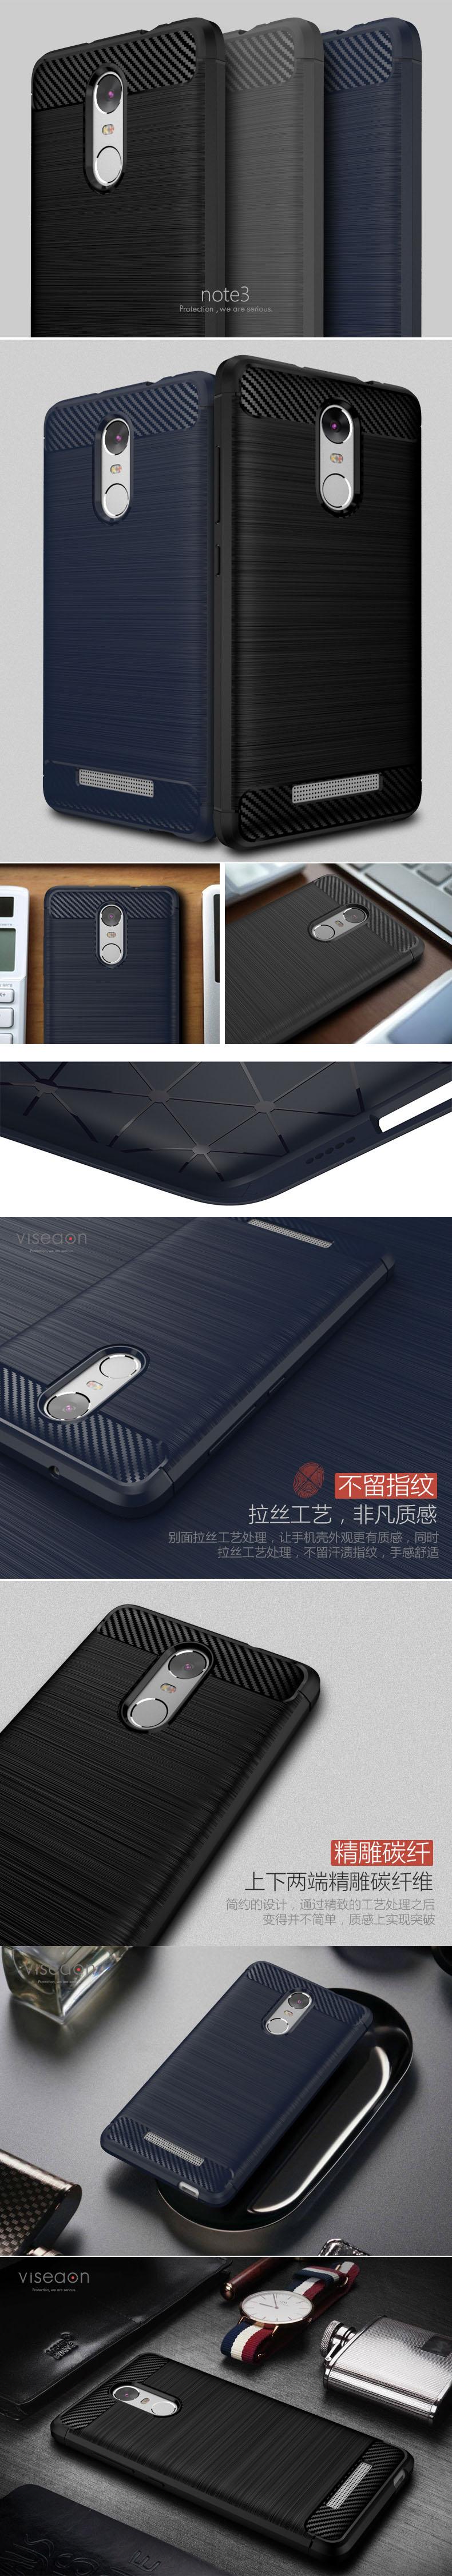 Xiaomi Redmi 4A Redmi 4X 3S 3 Pro Redmi Note 4 4X 3 Mi Max